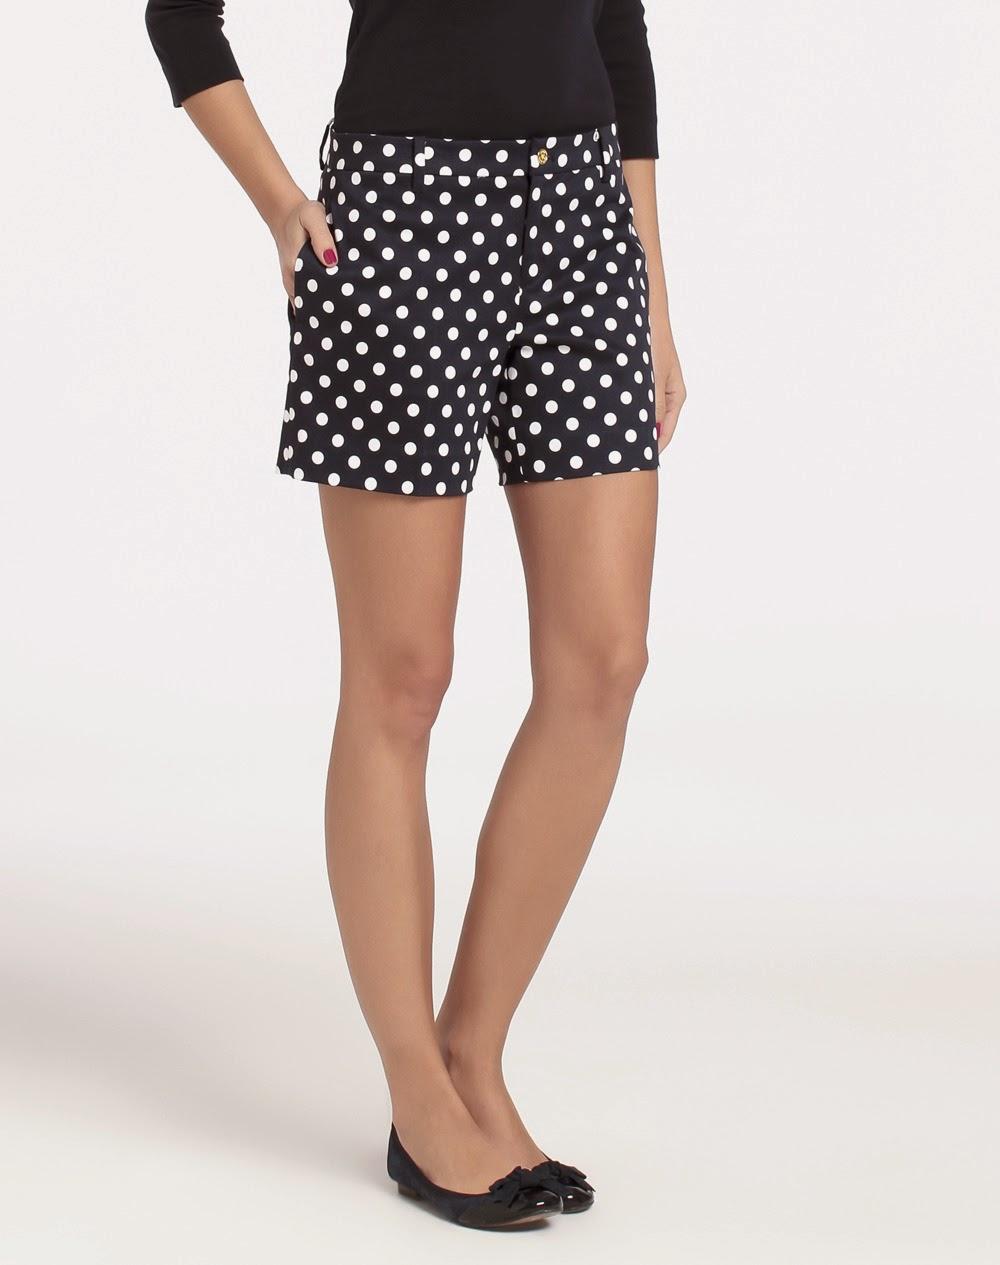 bajo precio 94243 ab6b3 pantalones cortos zara 2013